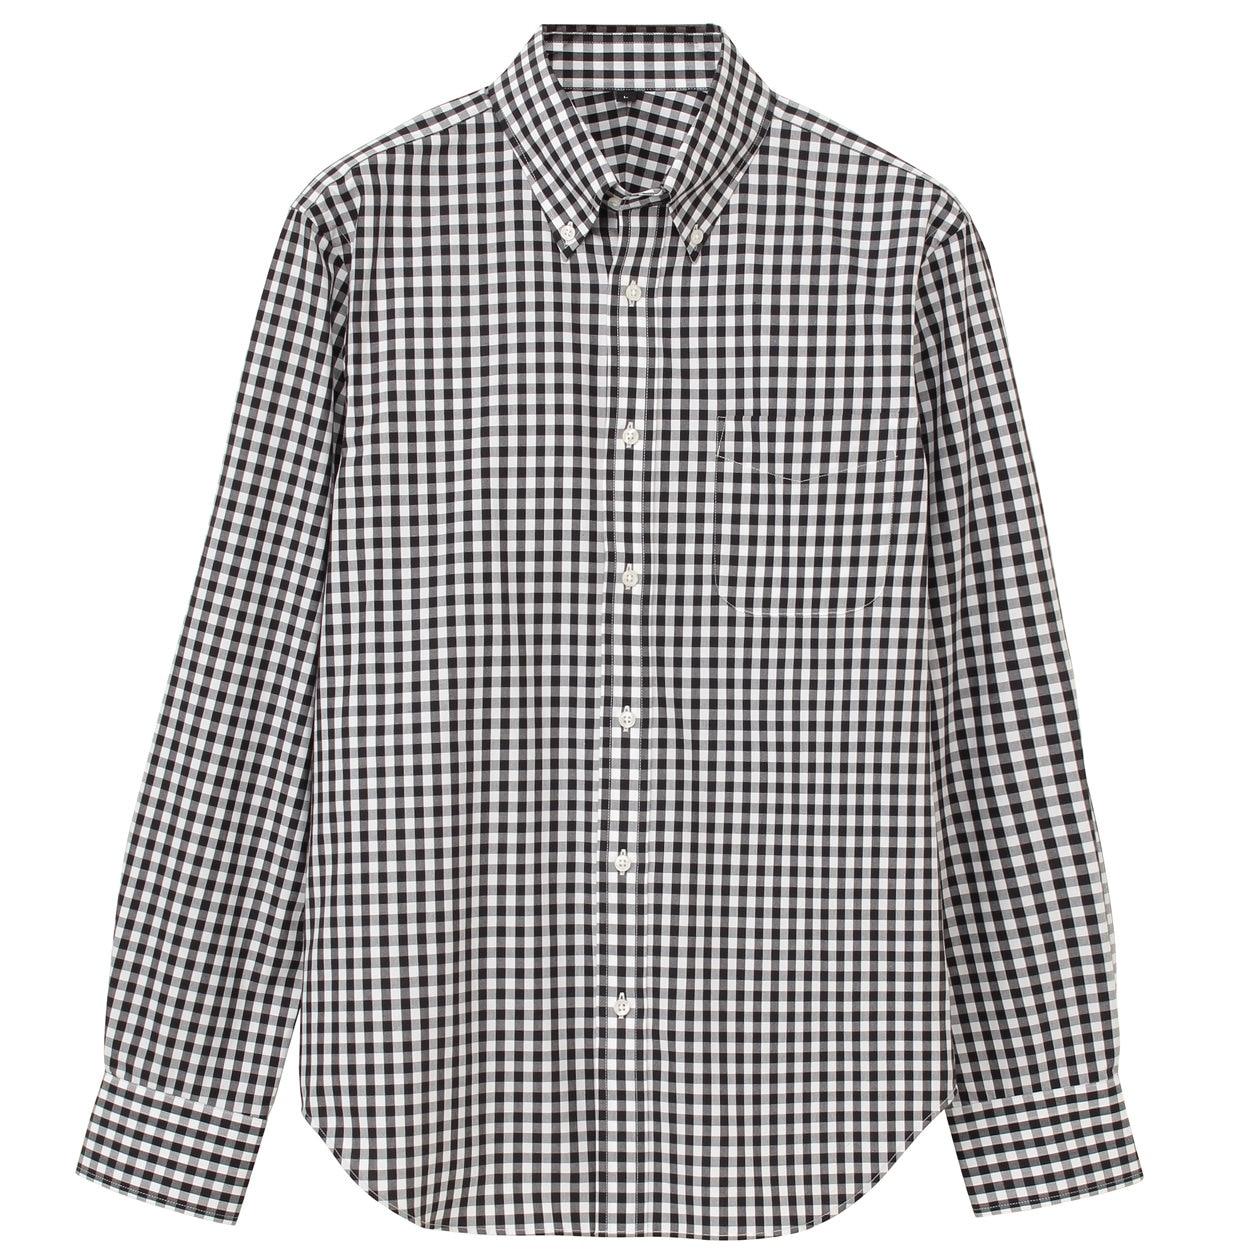 オーガニックコットンブロードチェック形態安定ボタンダウンシャツ